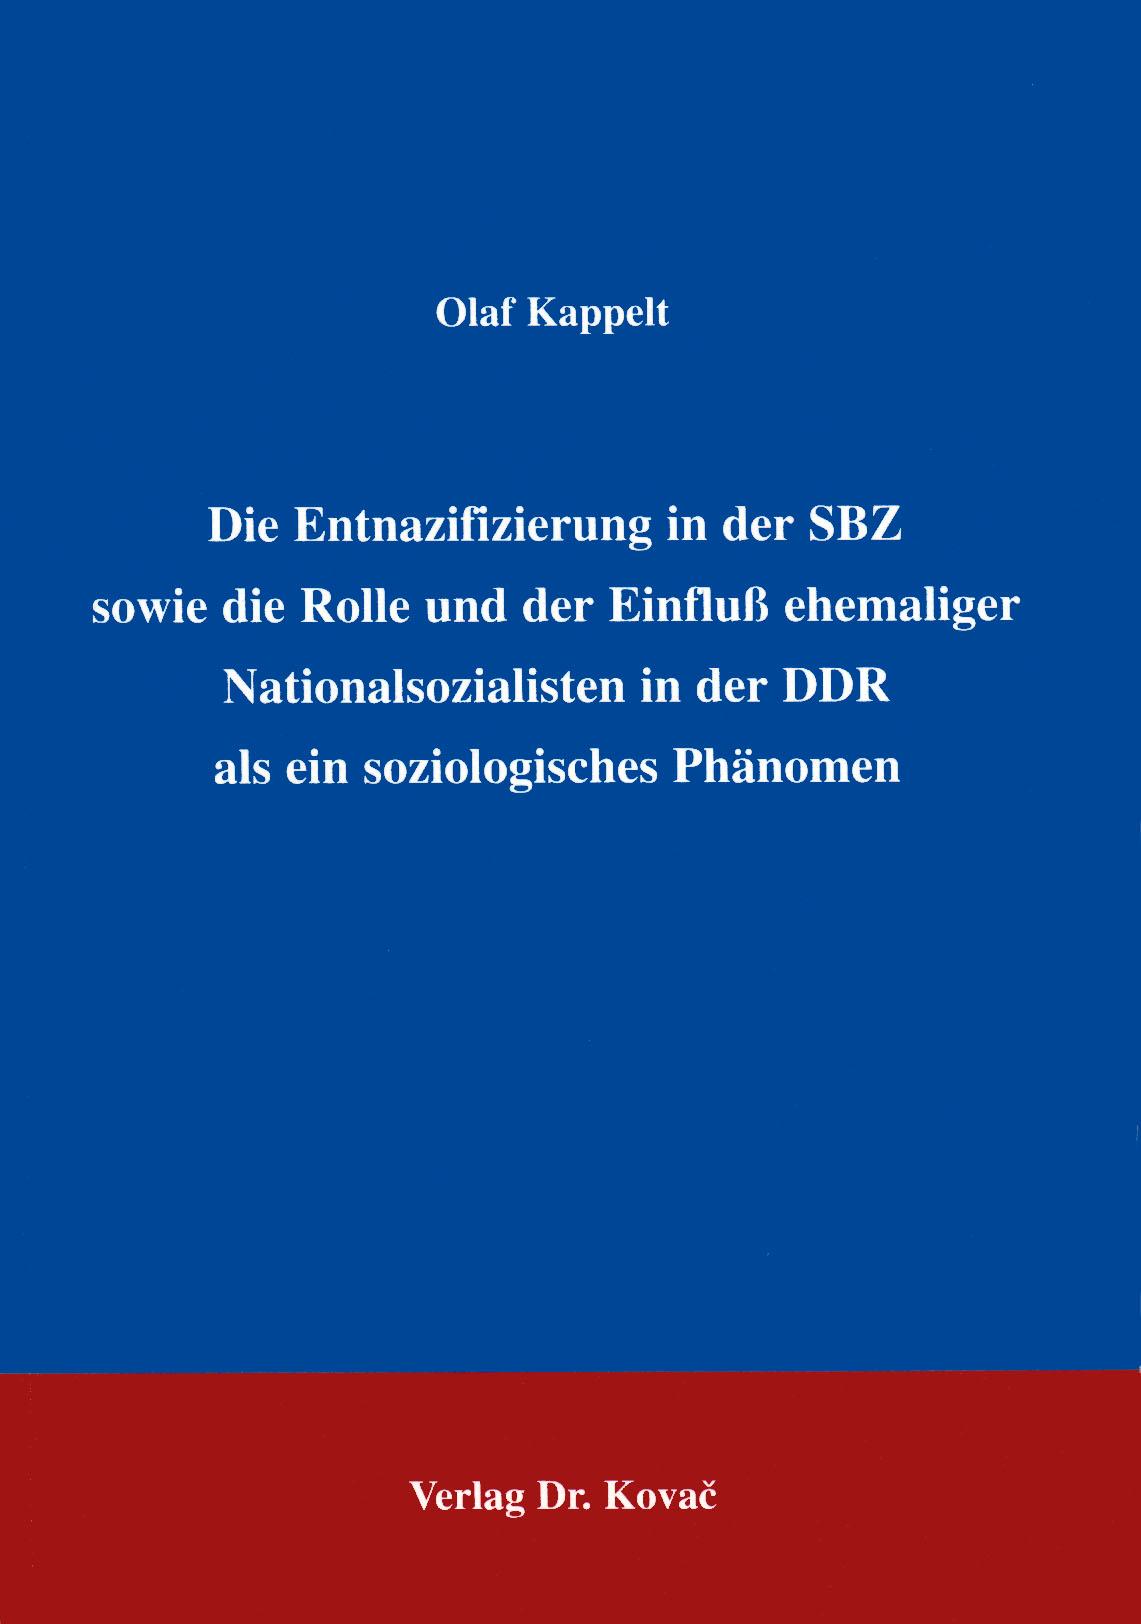 Cover: Die Entnazifizierung in der SBZ sowie die Rolle und der Einfluß ehemaliger Nationalsozialisten in der DDR als ein soziologisches Phänomen